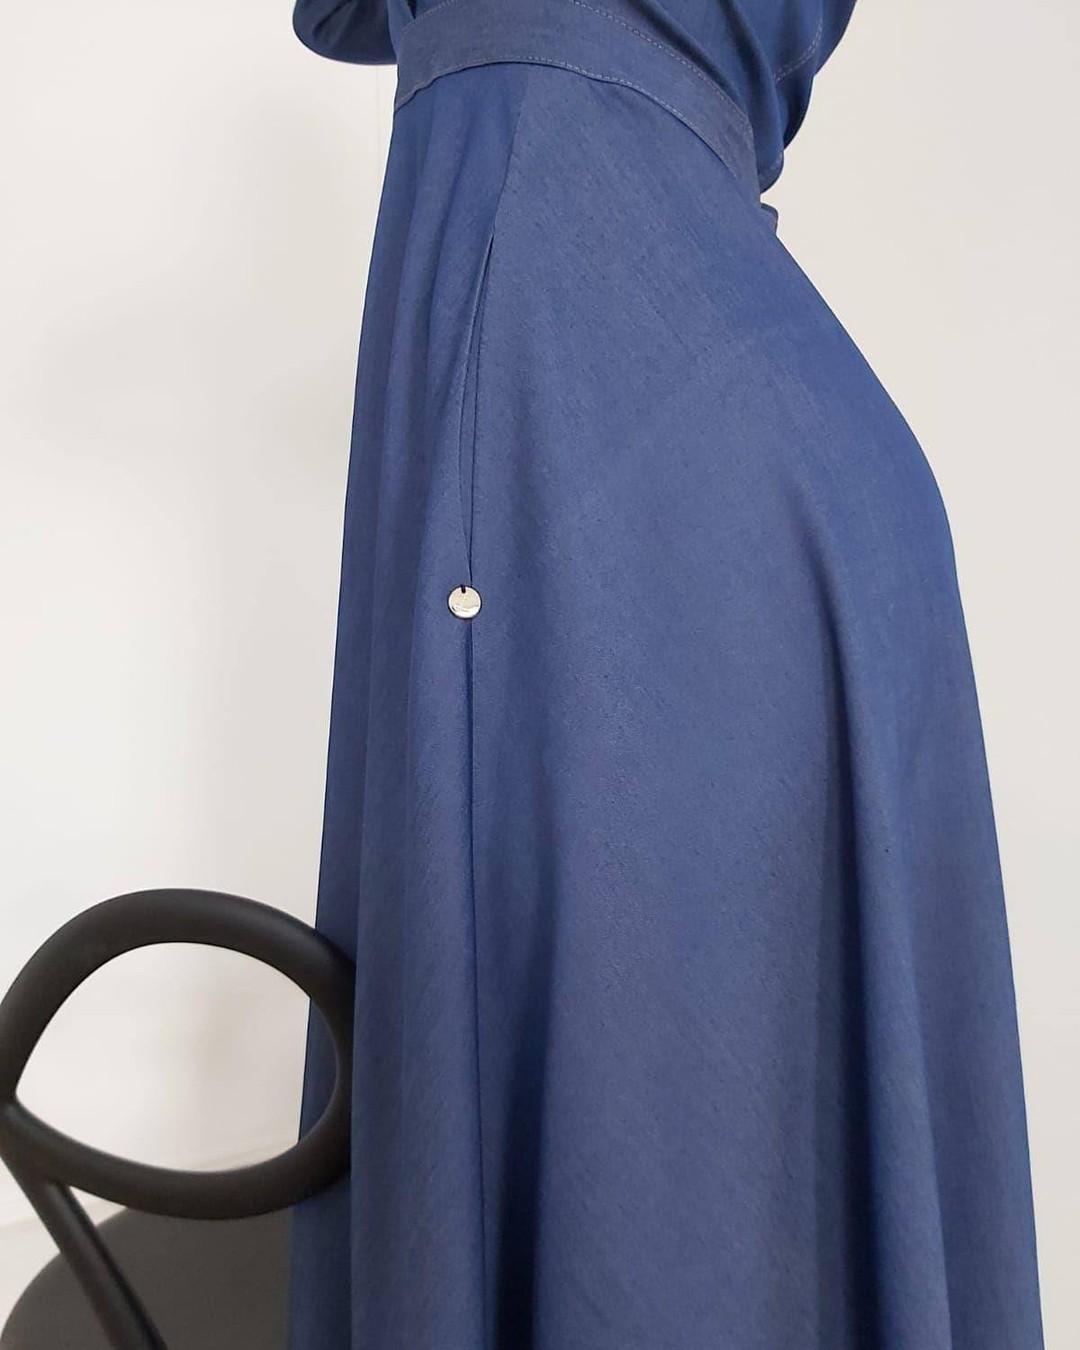 Jeśli, tak jak my, kochasz kieszenie, to pokochasz tę jeansową maxi o koszulowym fasonie. #sukienka #jeans #dżins #jeansowasukienka #jeansowamaxi #maxidress #pockets #detail #pocketdress #sukienkazkieszeniami #ubraniazkieszeniami  1995